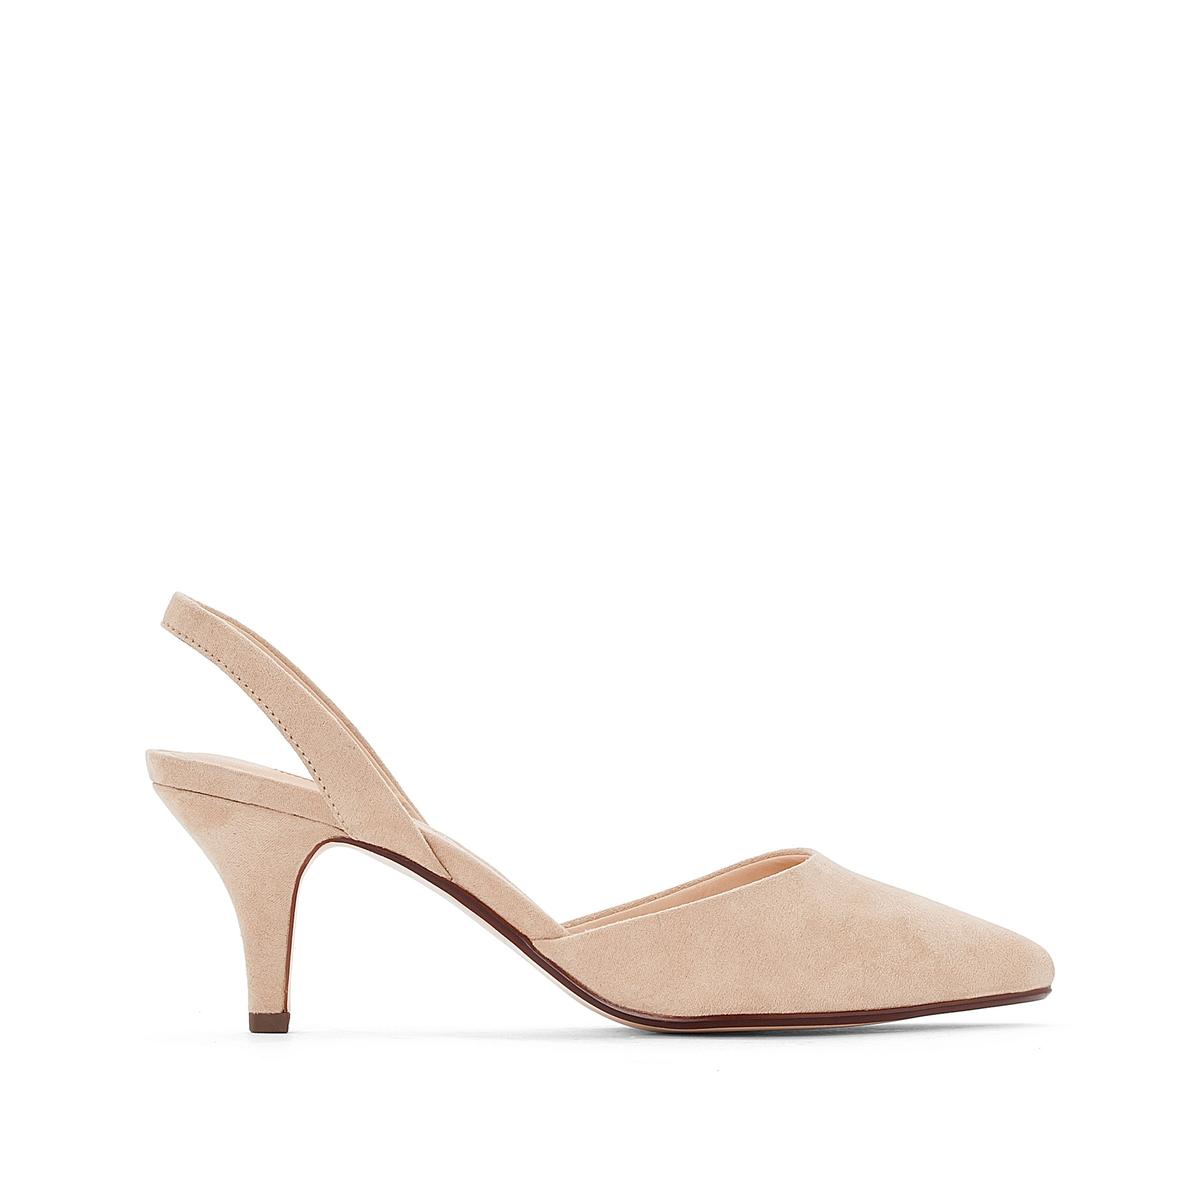 Туфли кожаные Pyra SlingВерх: полиэстер.Стелька: синтетика.Подошва: каучук.Высота каблука: 7 см.Форма каблука: шпилька.Мысок: заостренный мысок.Застежка: без застежки.<br><br>Цвет: бежевый,черный<br>Размер: 41.41